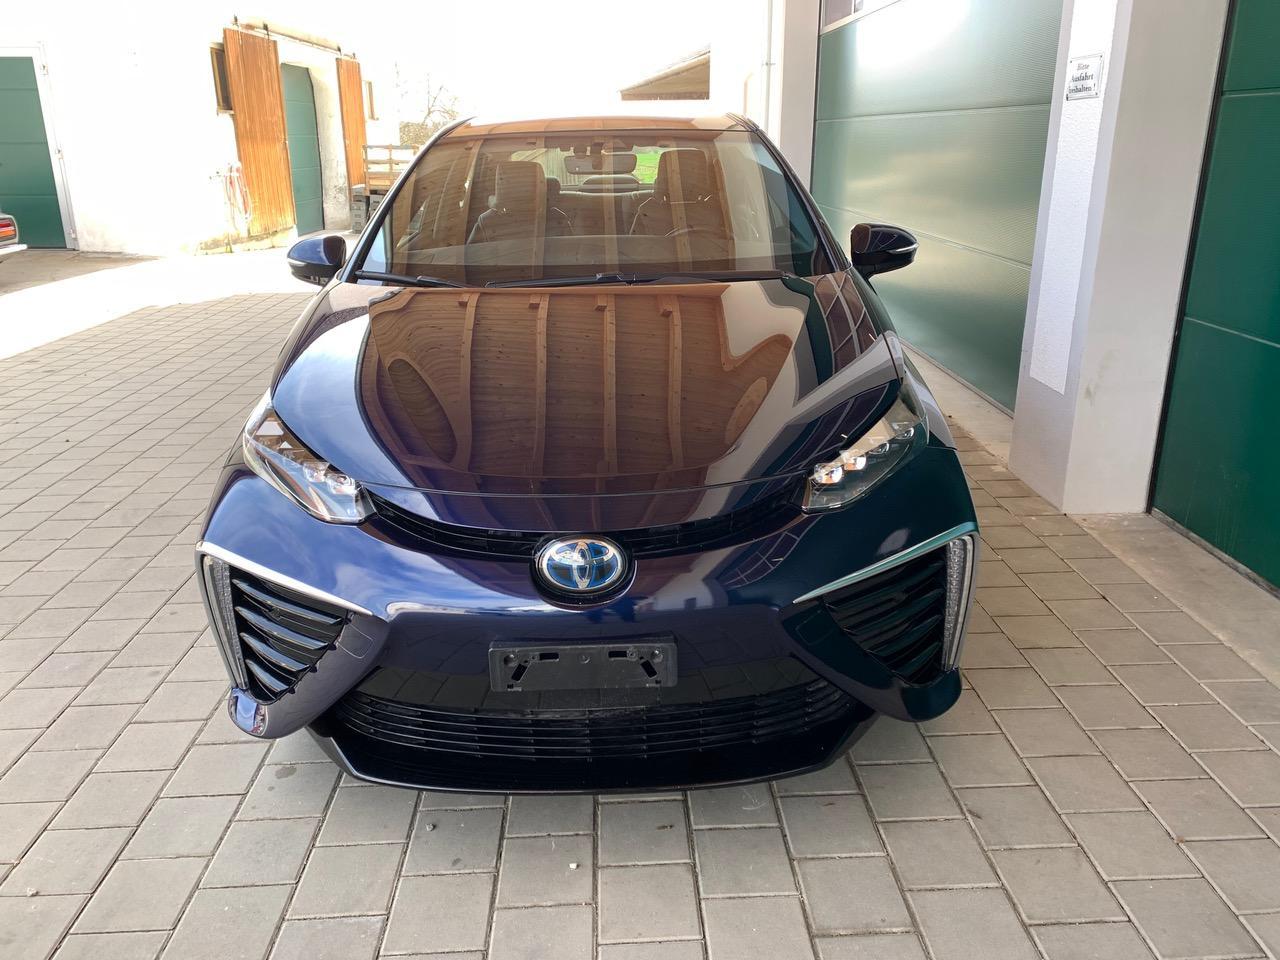 Toyota mirai wasserstoff auto zu Verkaufen deutschland